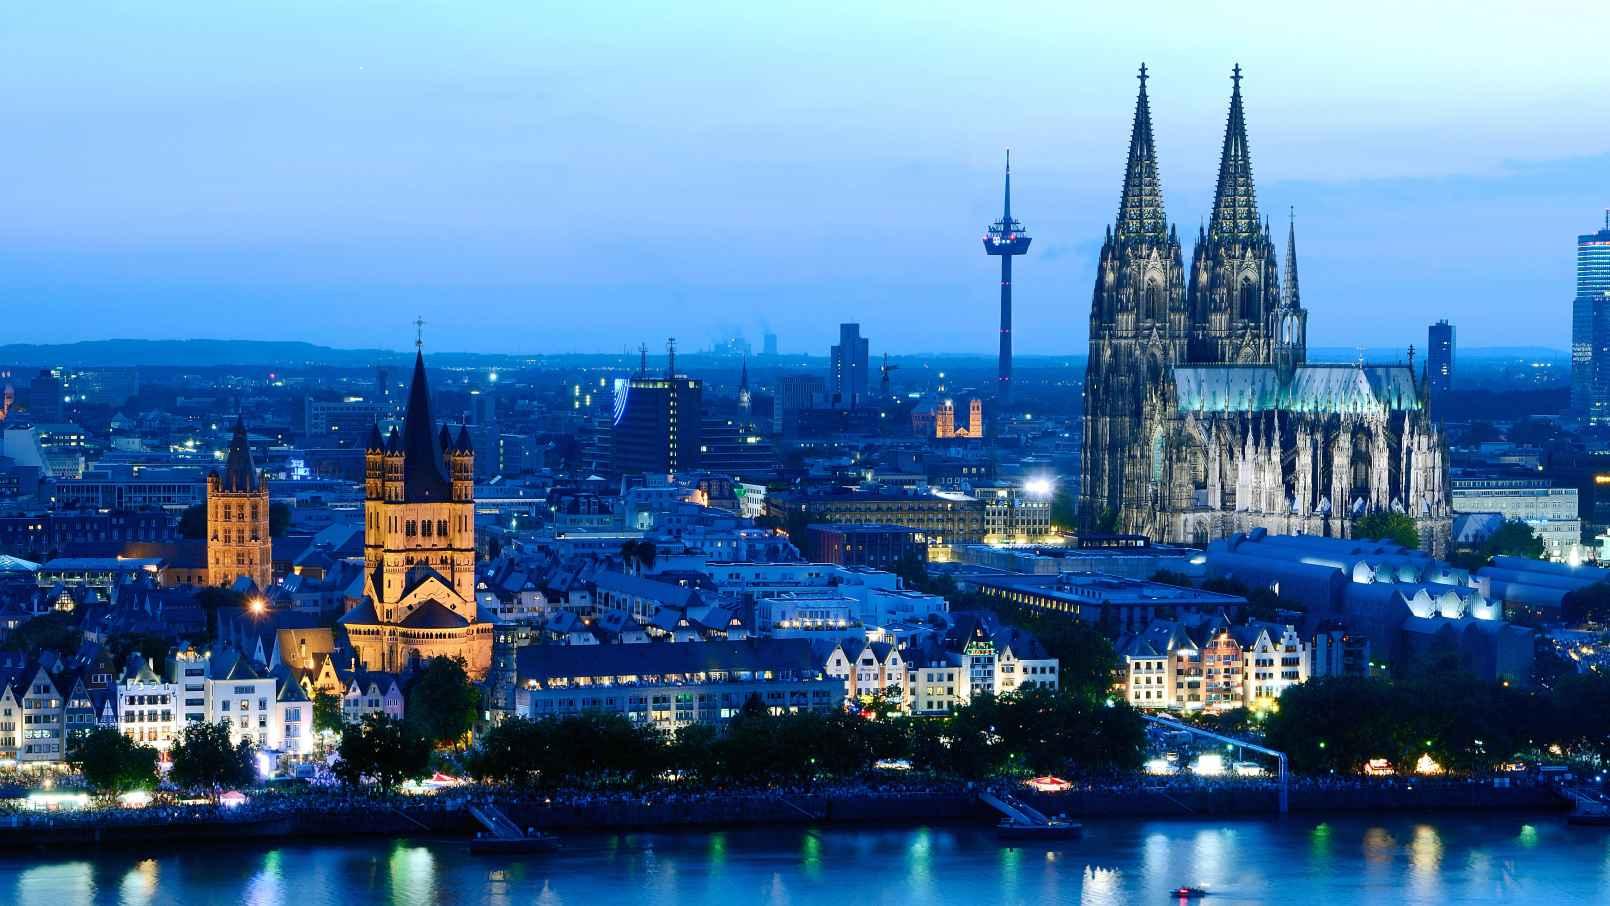 افضل 7 من فنادق دوسلدورف المانيا الموصى بها 2020